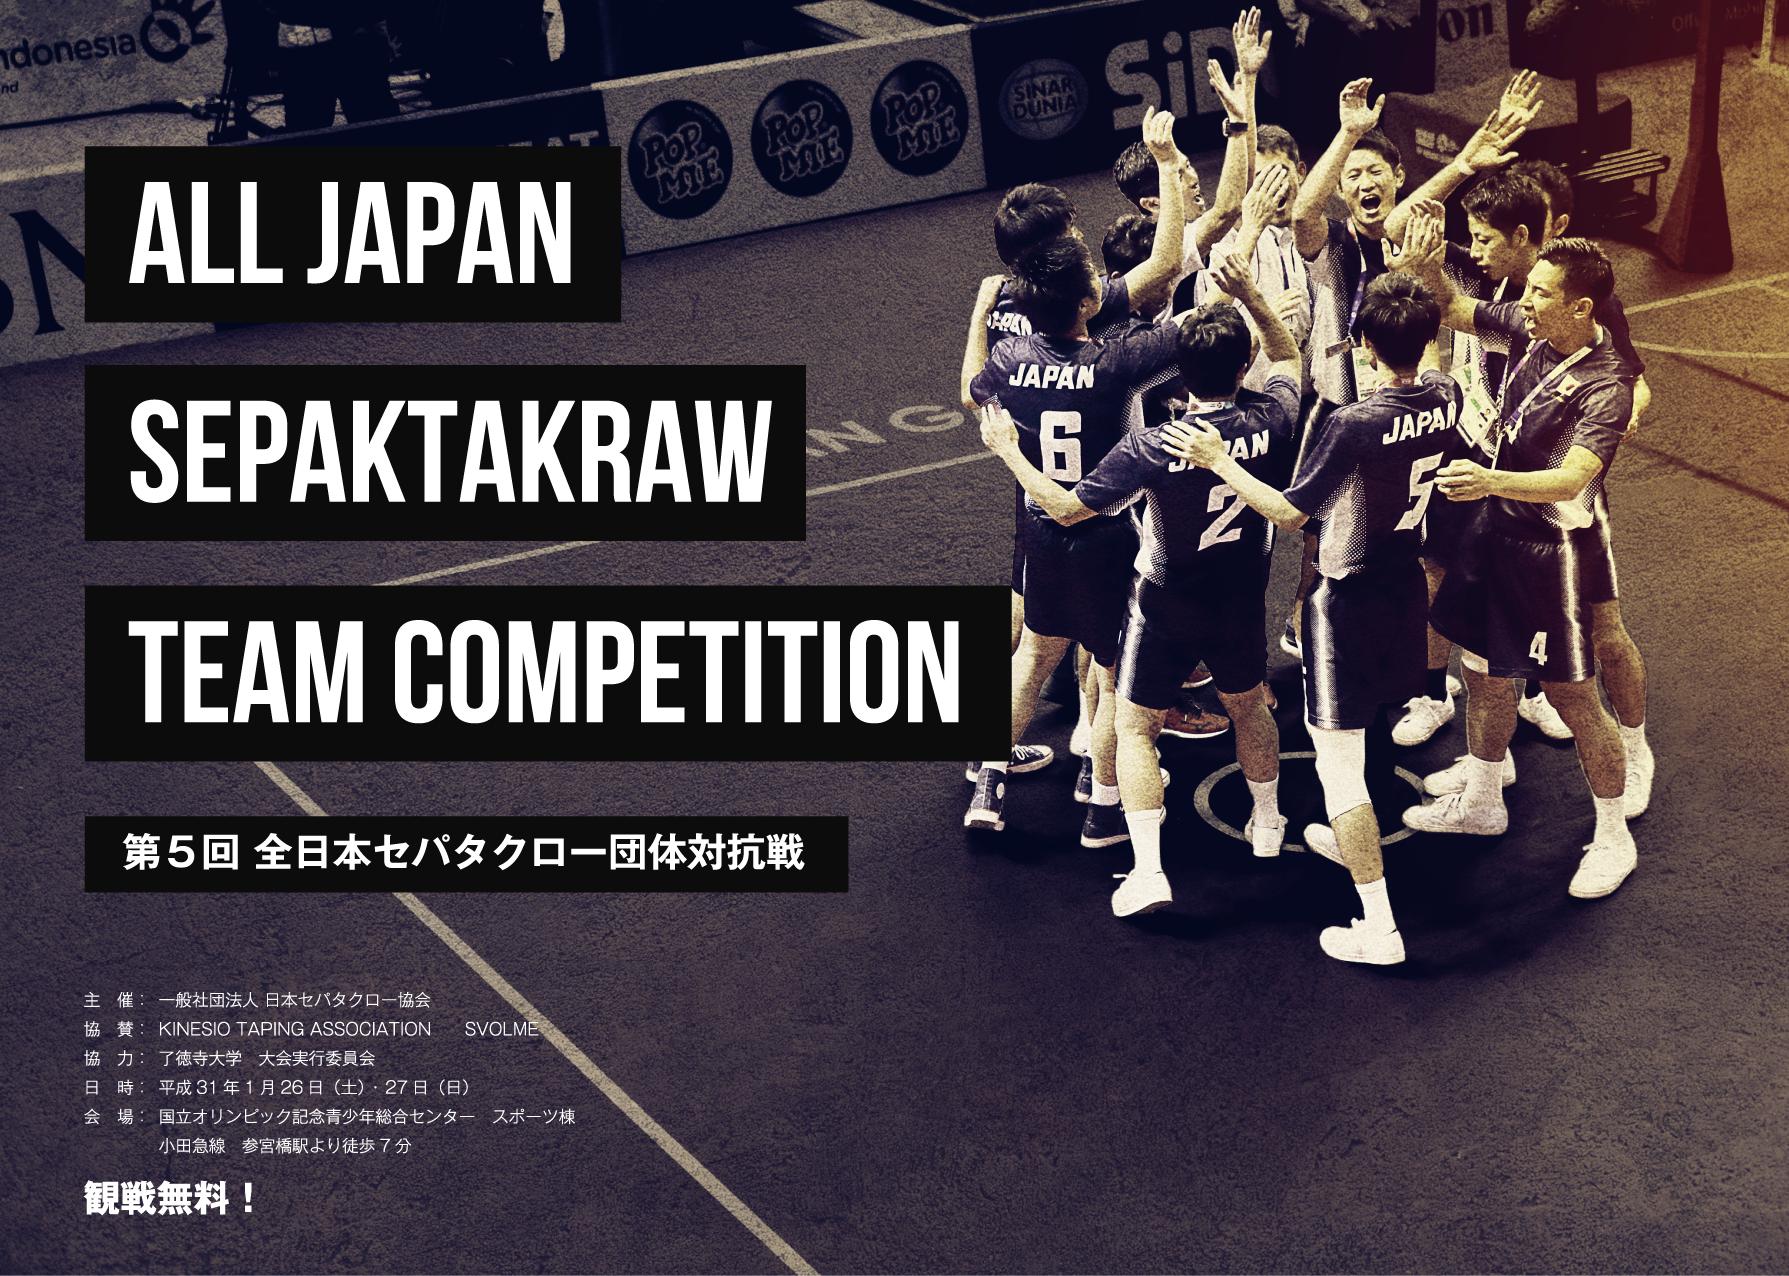 http://jstaf.jp/team_competition.png